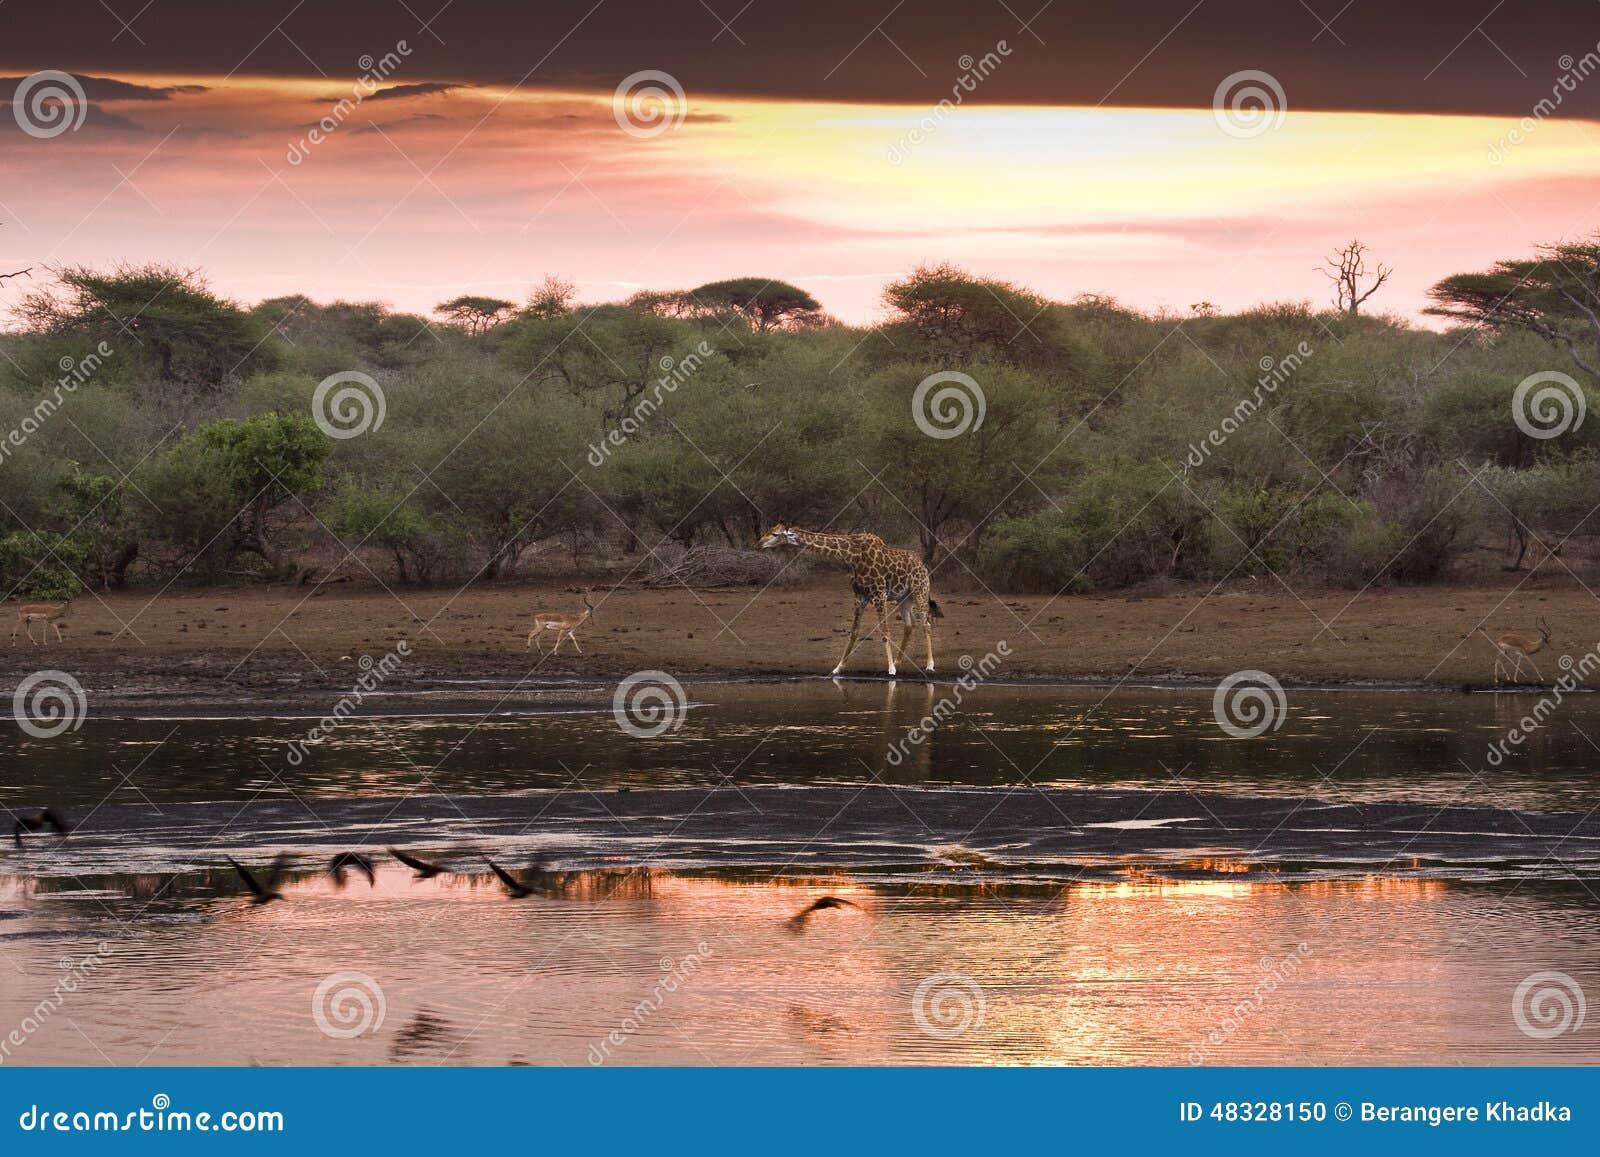 Cudowny zmierzch, Kruger park narodowy, POŁUDNIOWA AFRYKA